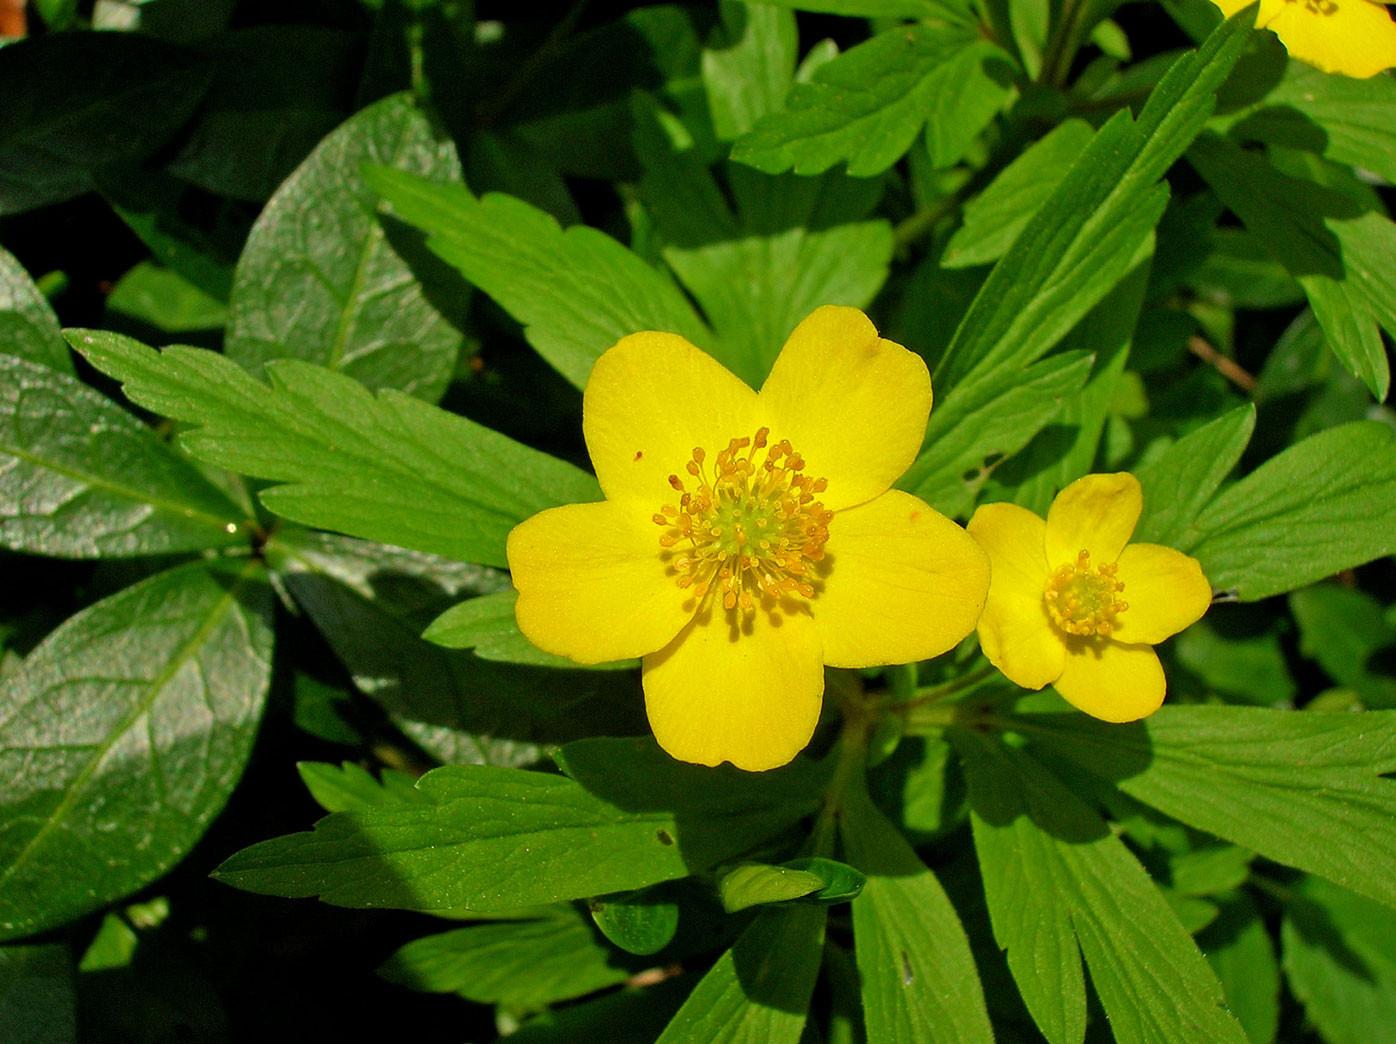 Gelbes Windröschen (Anemone nemorosa) | HAHNENFUSSGEWÄCHSE (Ranunculaceae) | giftig!